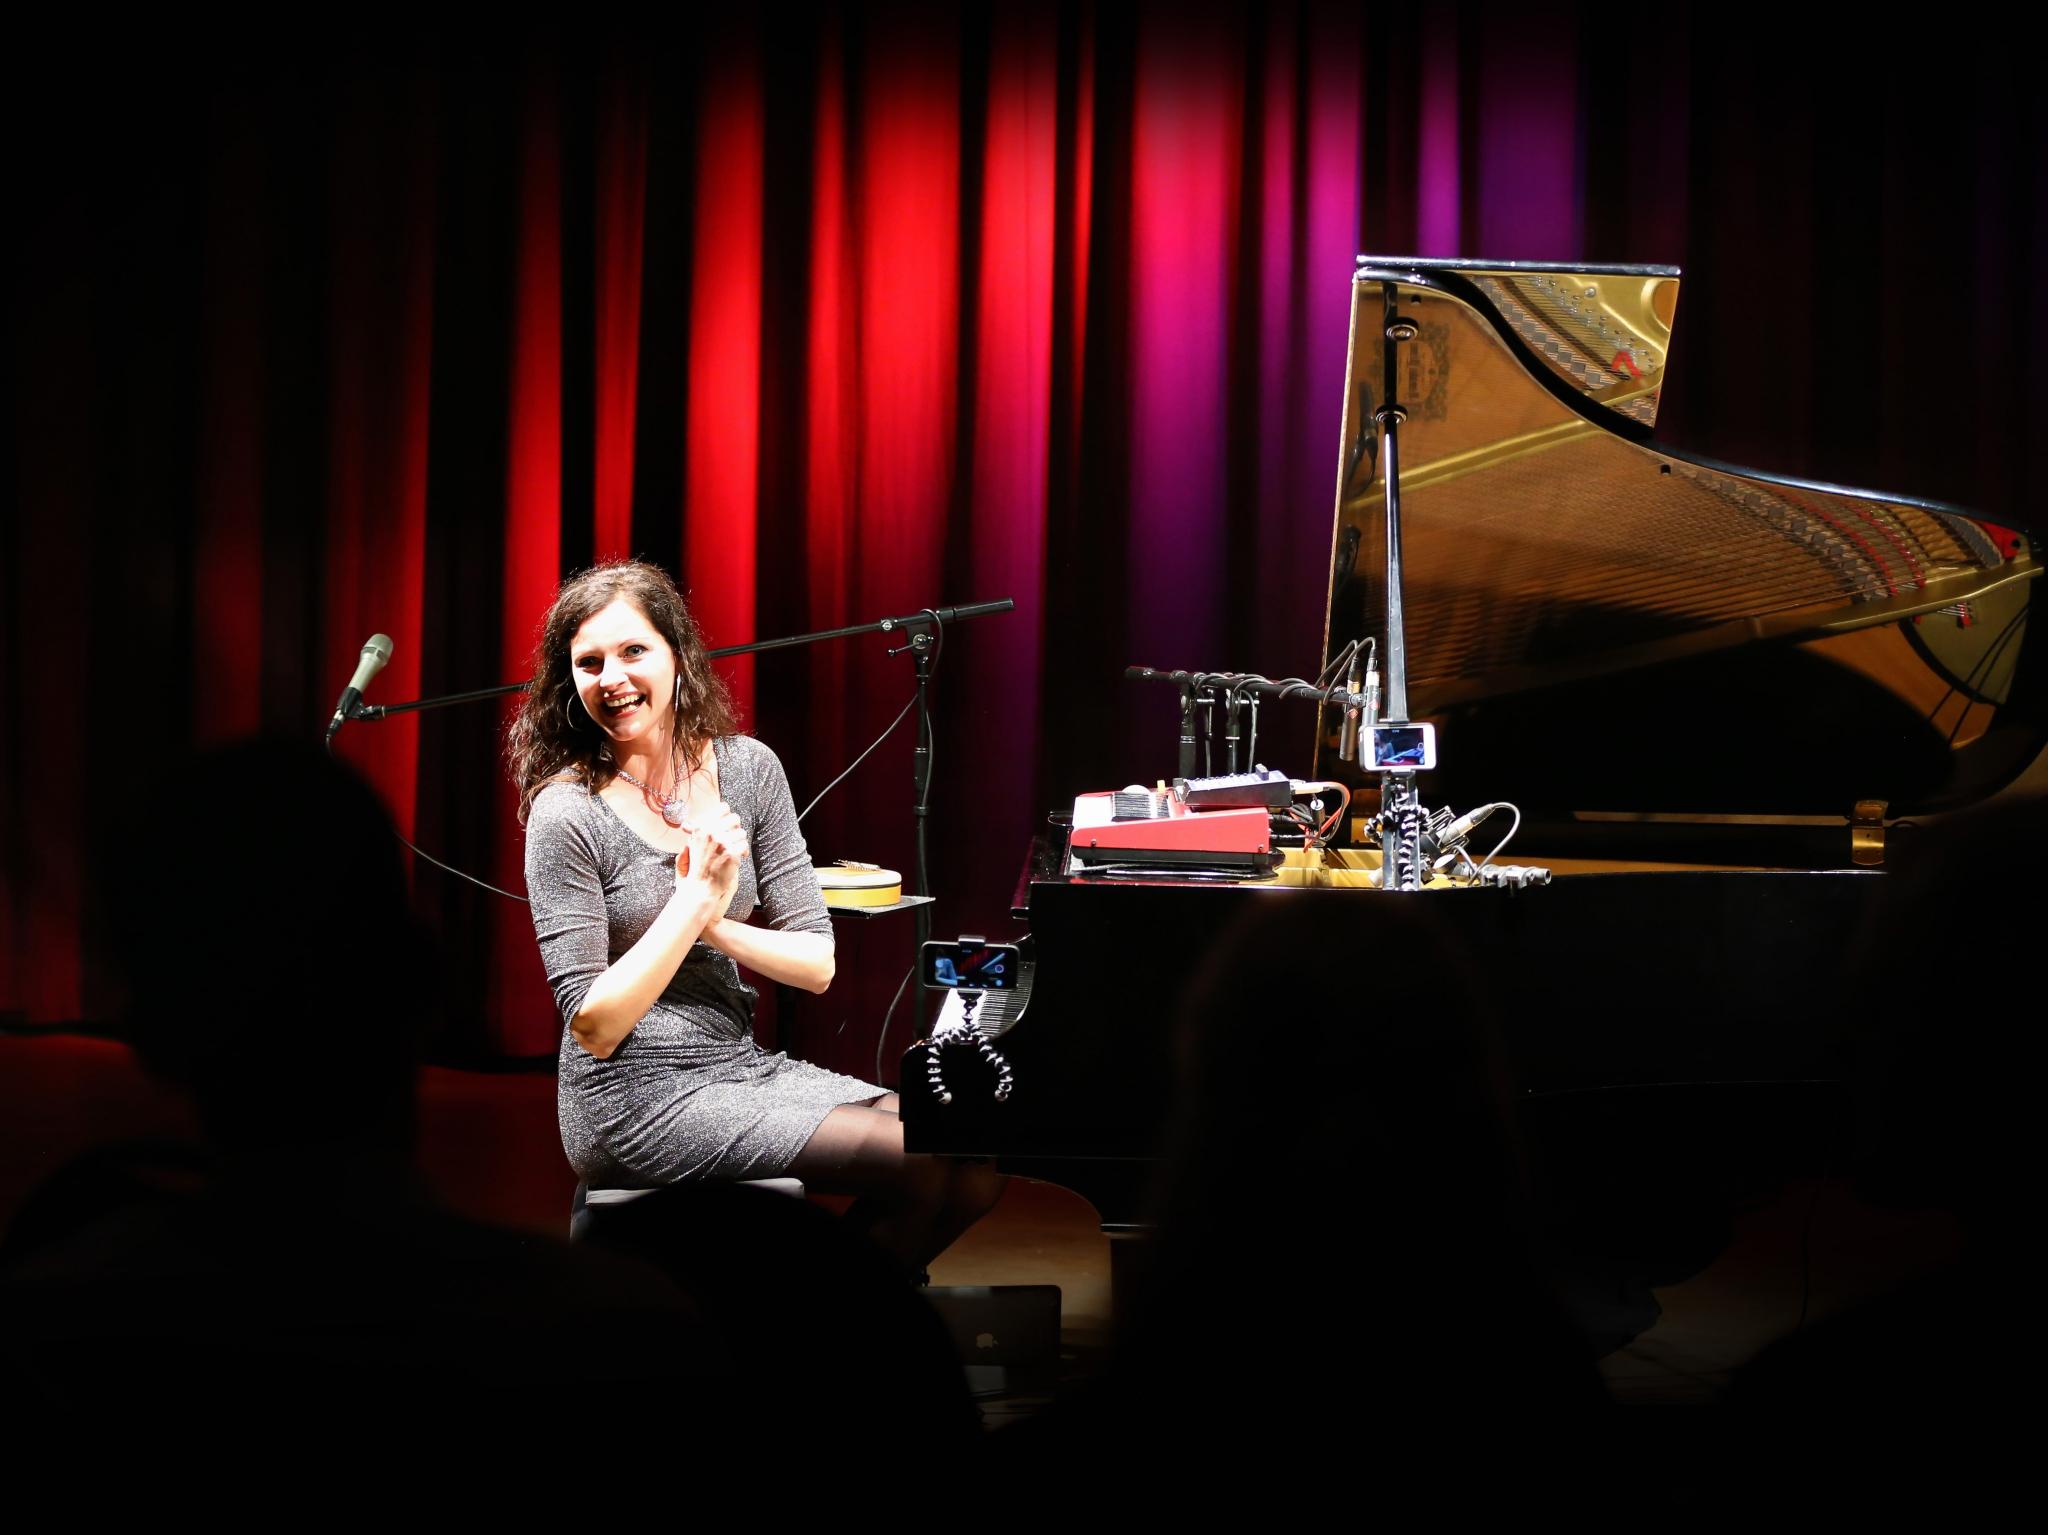 Christiane Dehmer bei einem Live-Auftritt. Foto: Carola Thieme.